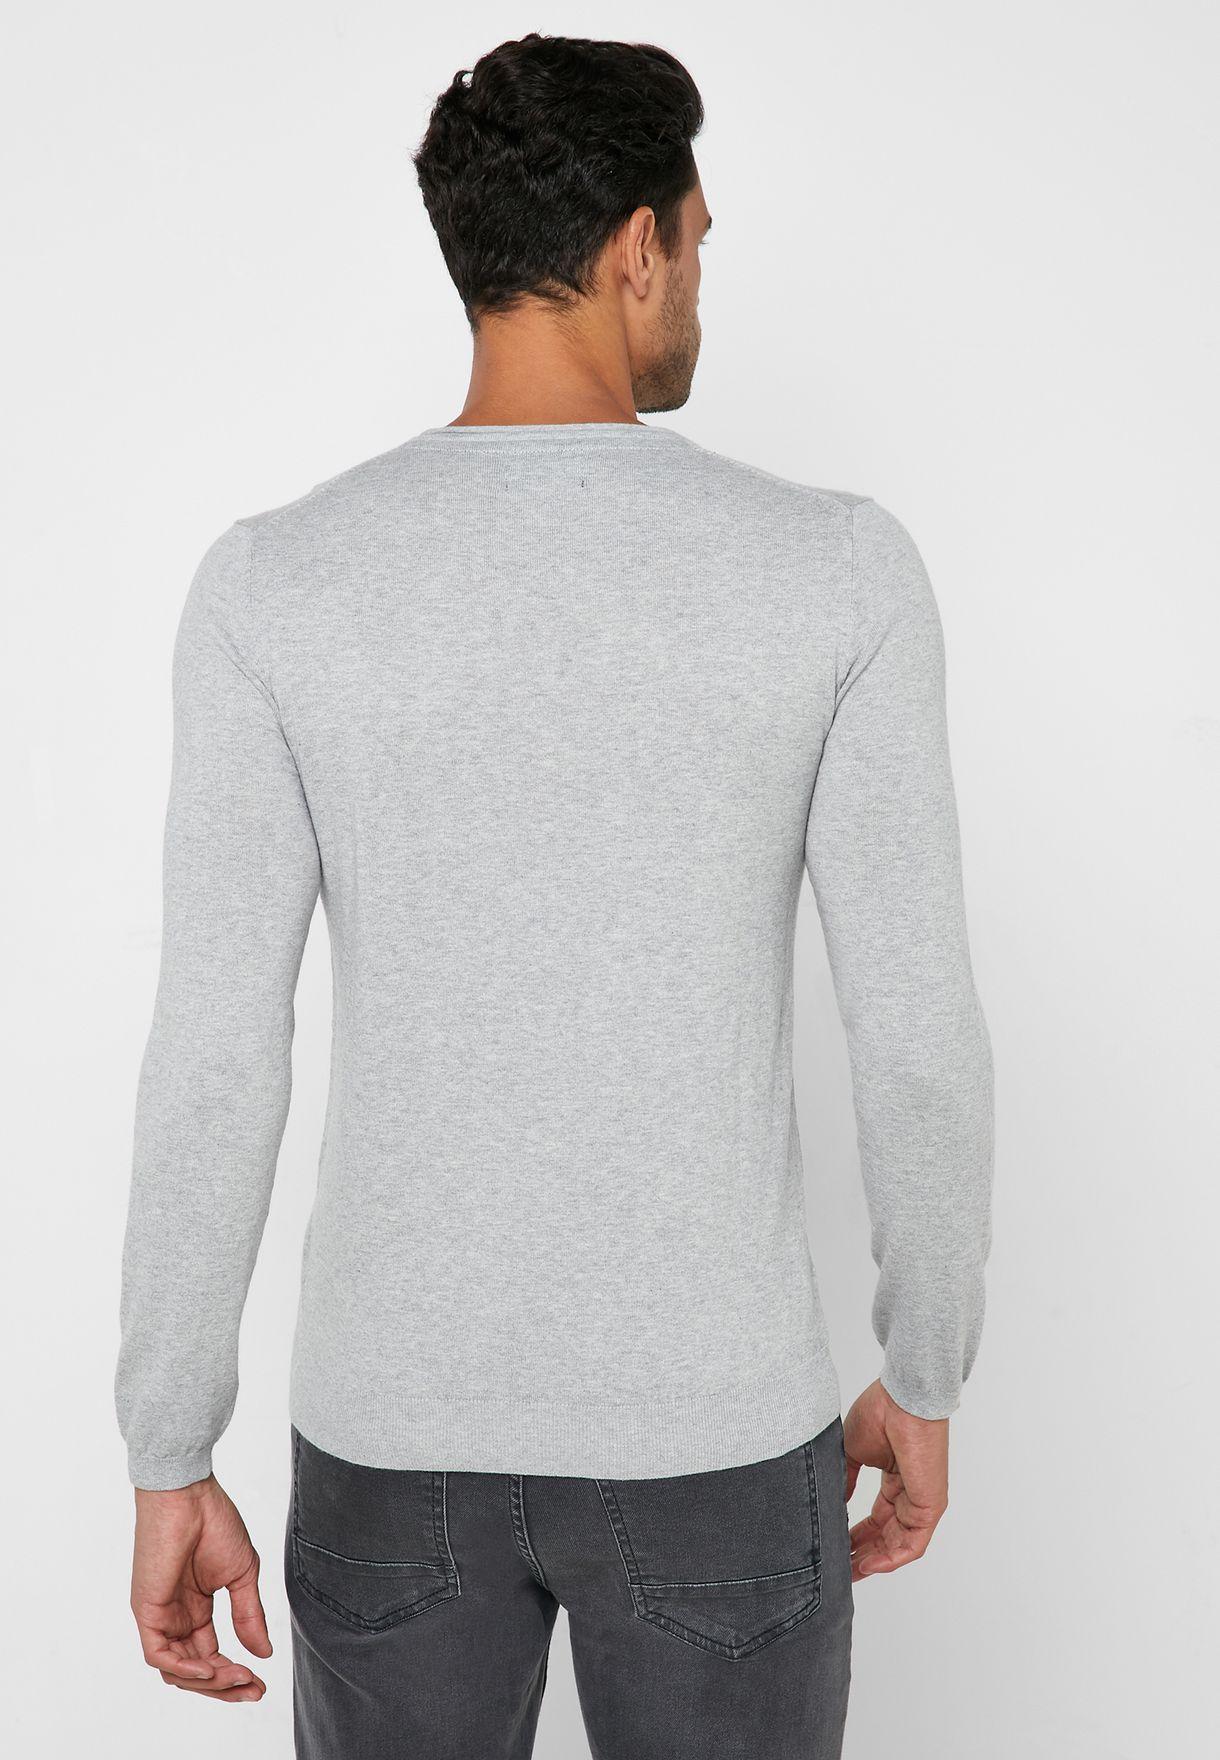 Regular Fit V-Neck Sweater